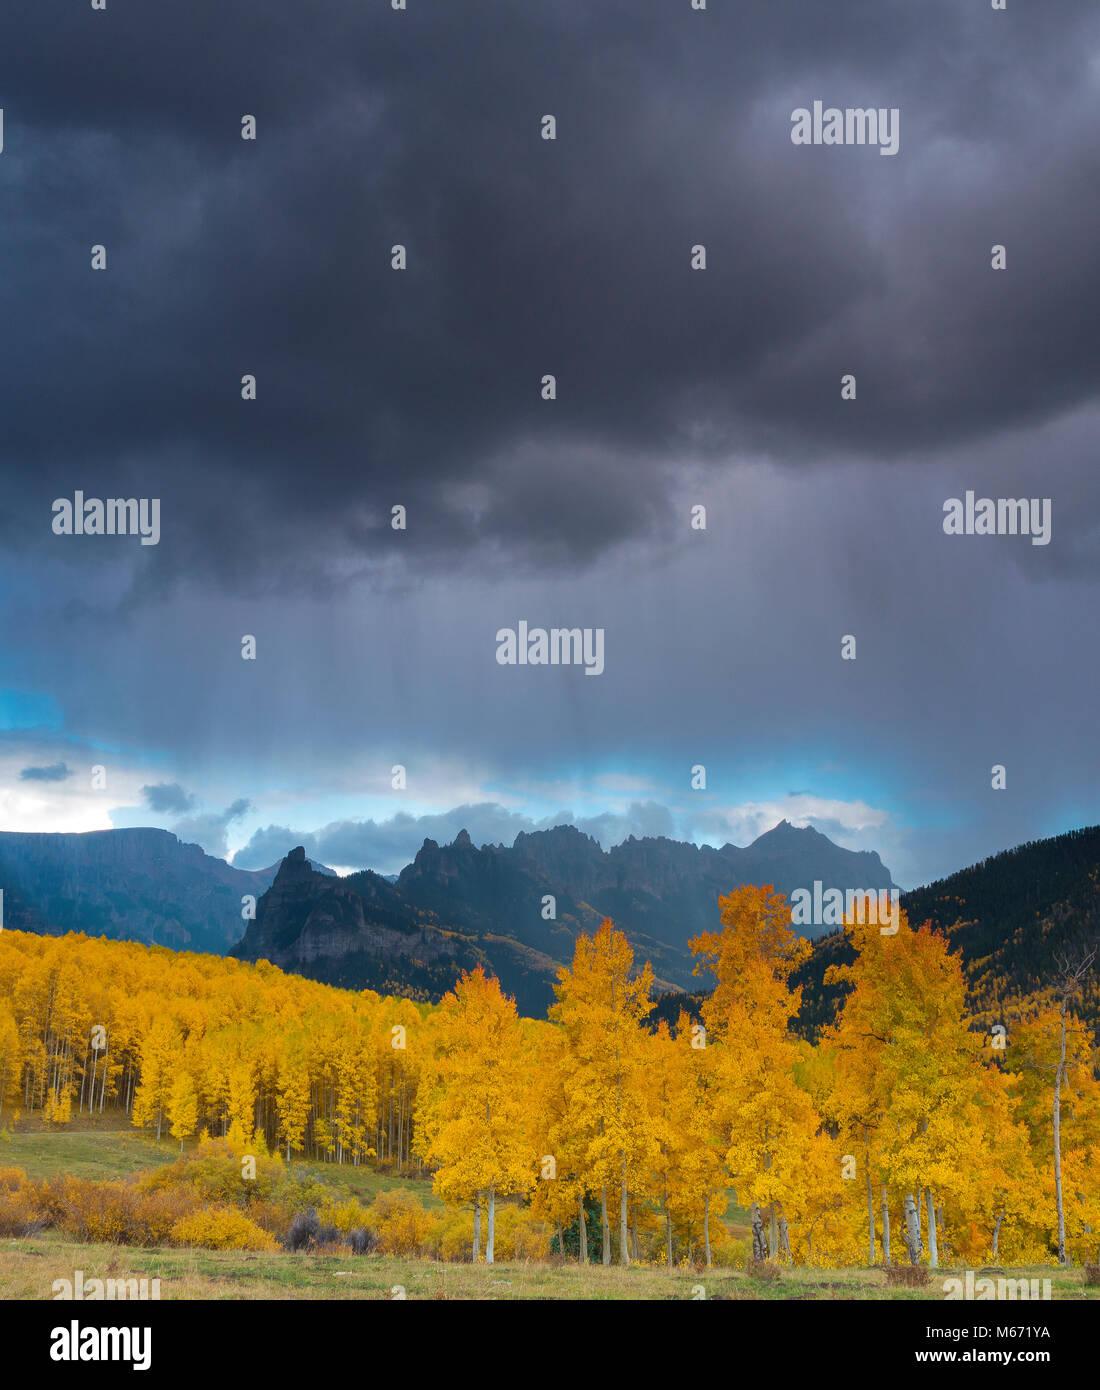 Approche de l'orage, trembles, Cimarron, crête, crête précipice Uncompahgre National Forest, Photo Stock